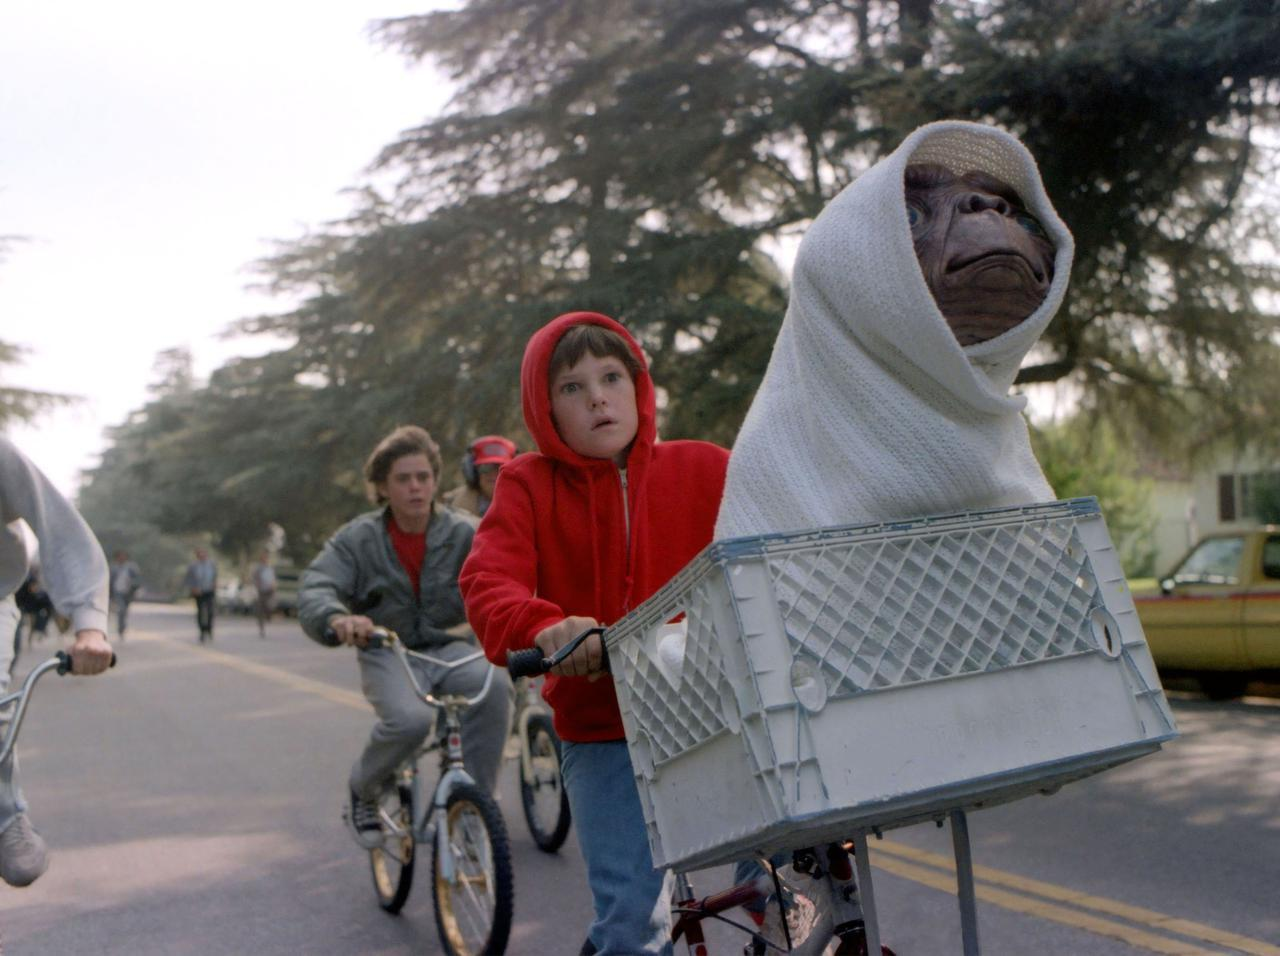 """画像: 『E.T.』子役達のためにスティーブン・スピルバーグ監督が行なった""""1つの工夫"""" - フロントロウ -海外セレブ情報を発信"""